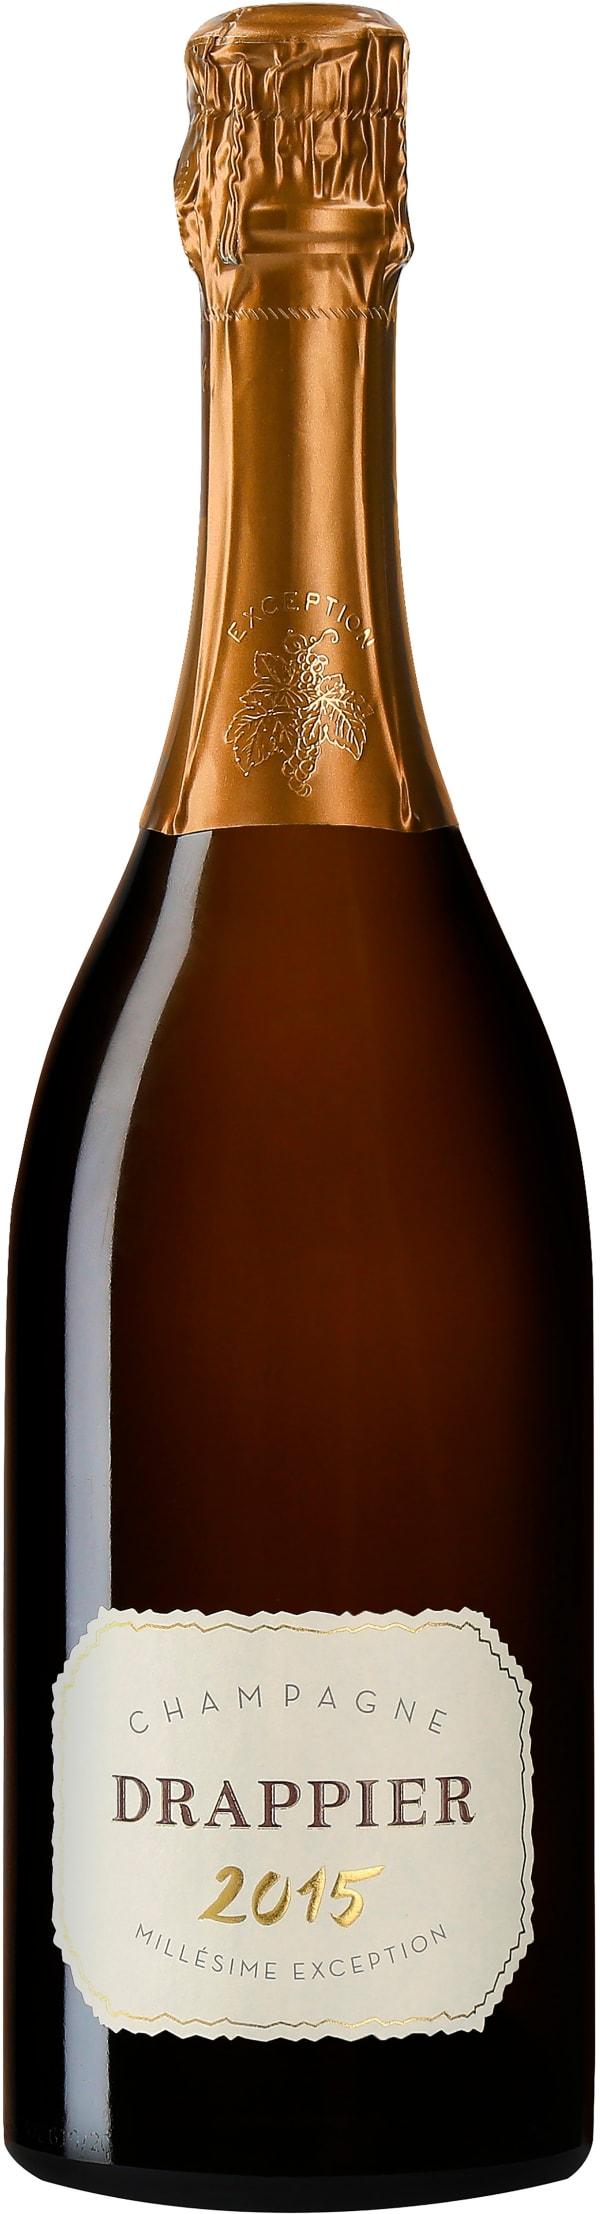 Drappier Millésime Exception Champagne Brut 2013